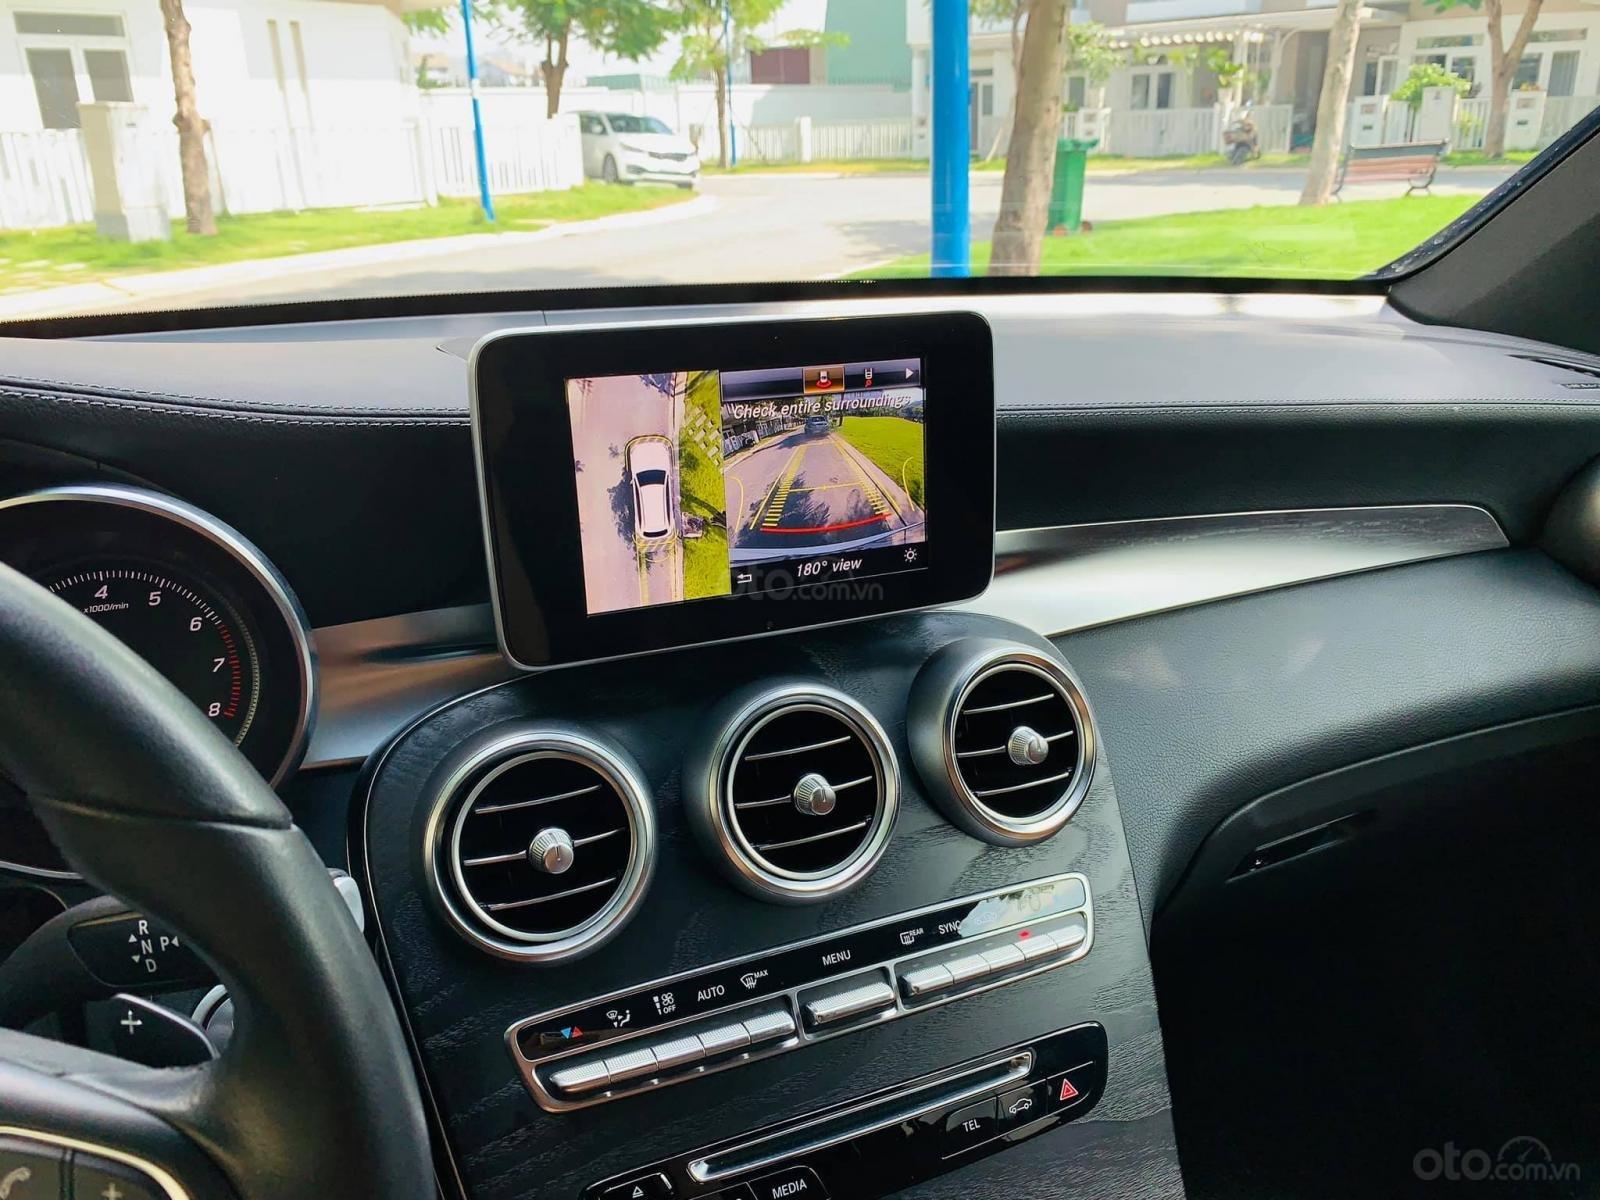 Bán xe Mercedes GLC300 4Matic 2018 cũ giá tốt, trả trước 800 triệu nhận xe ngay (9)